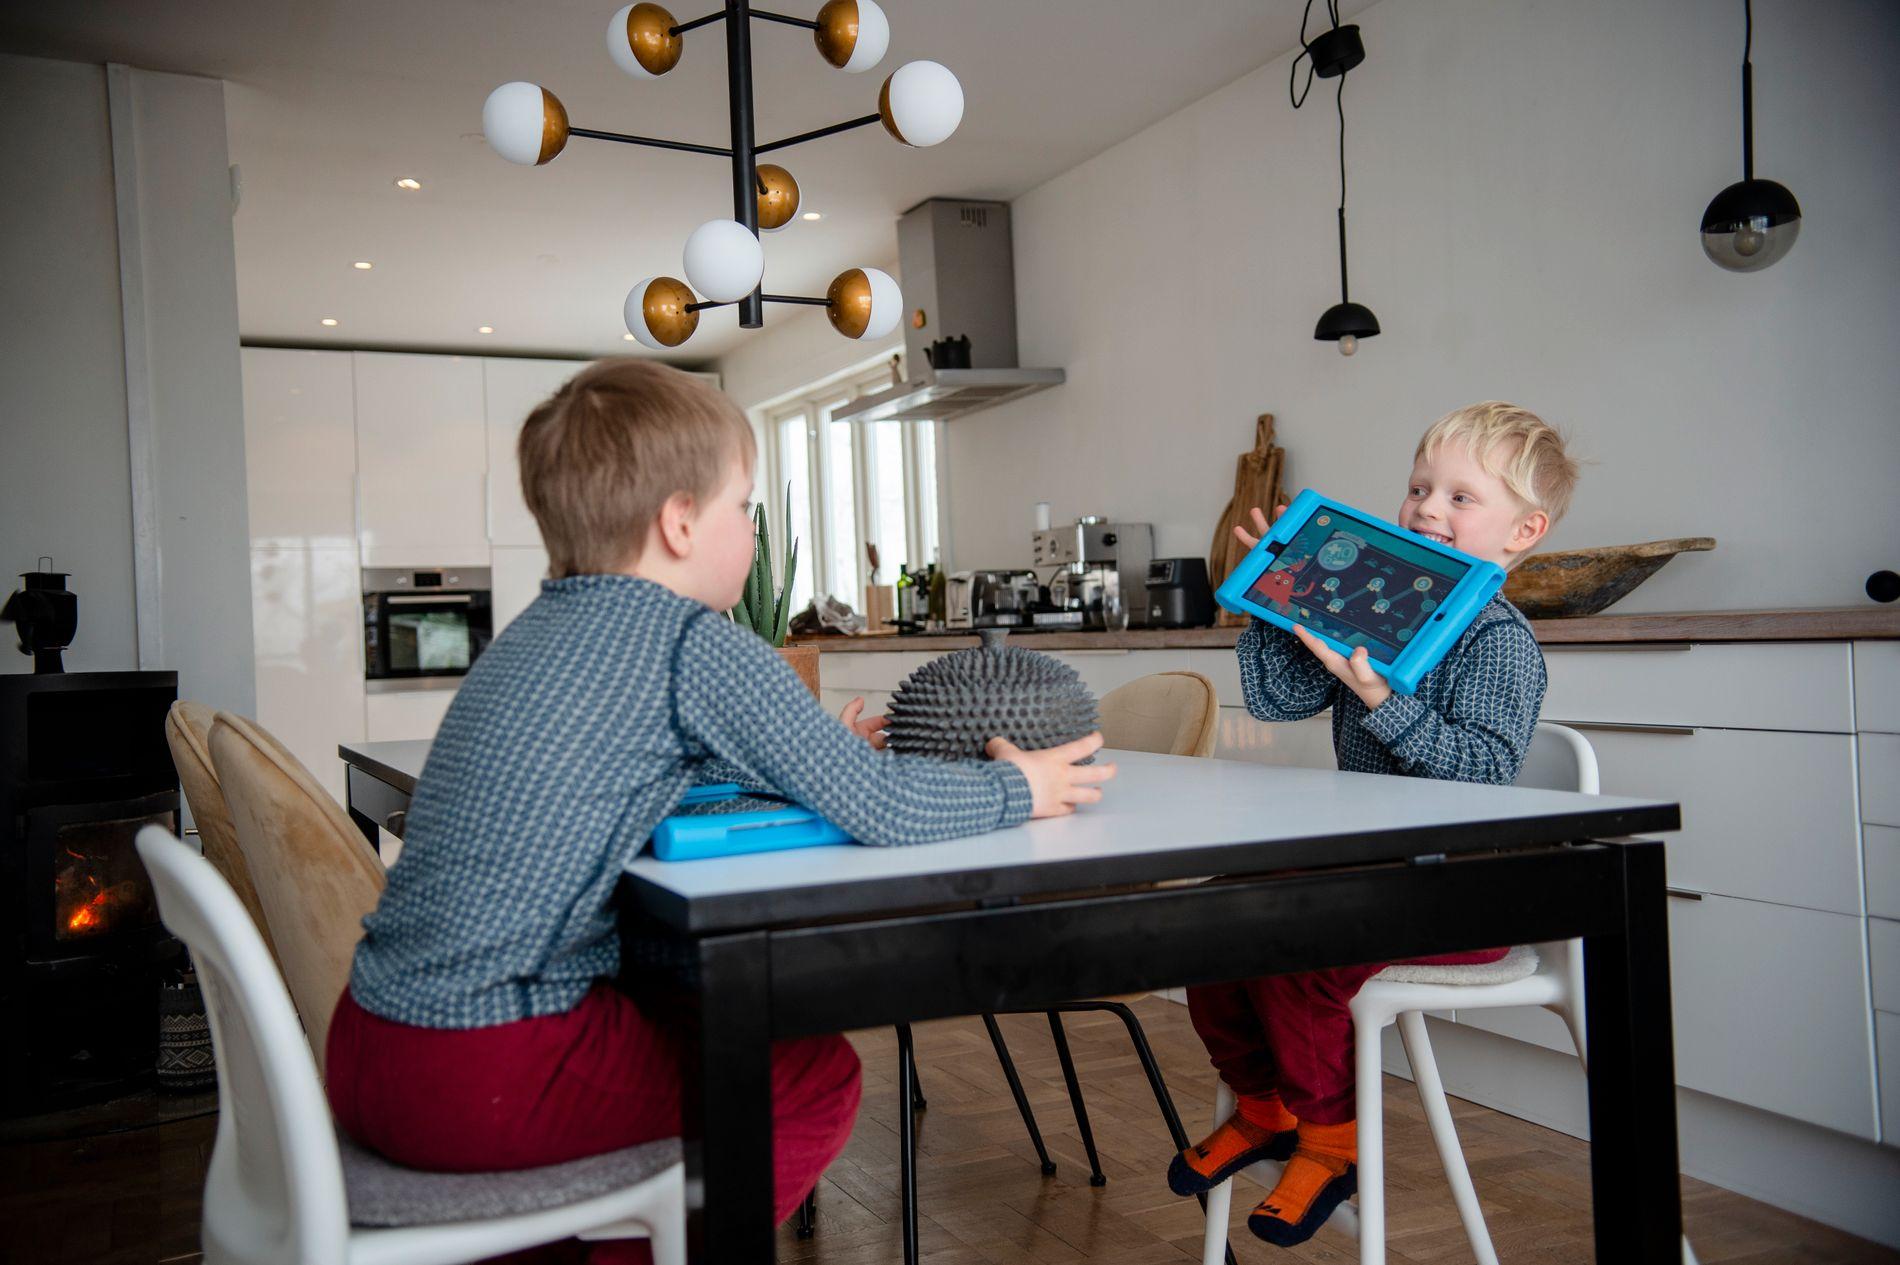 FORNØYD: Linus viser stolt frem iPaden til Leo – som bevis på at han klarte oppgaven og er klar for neste nivå.